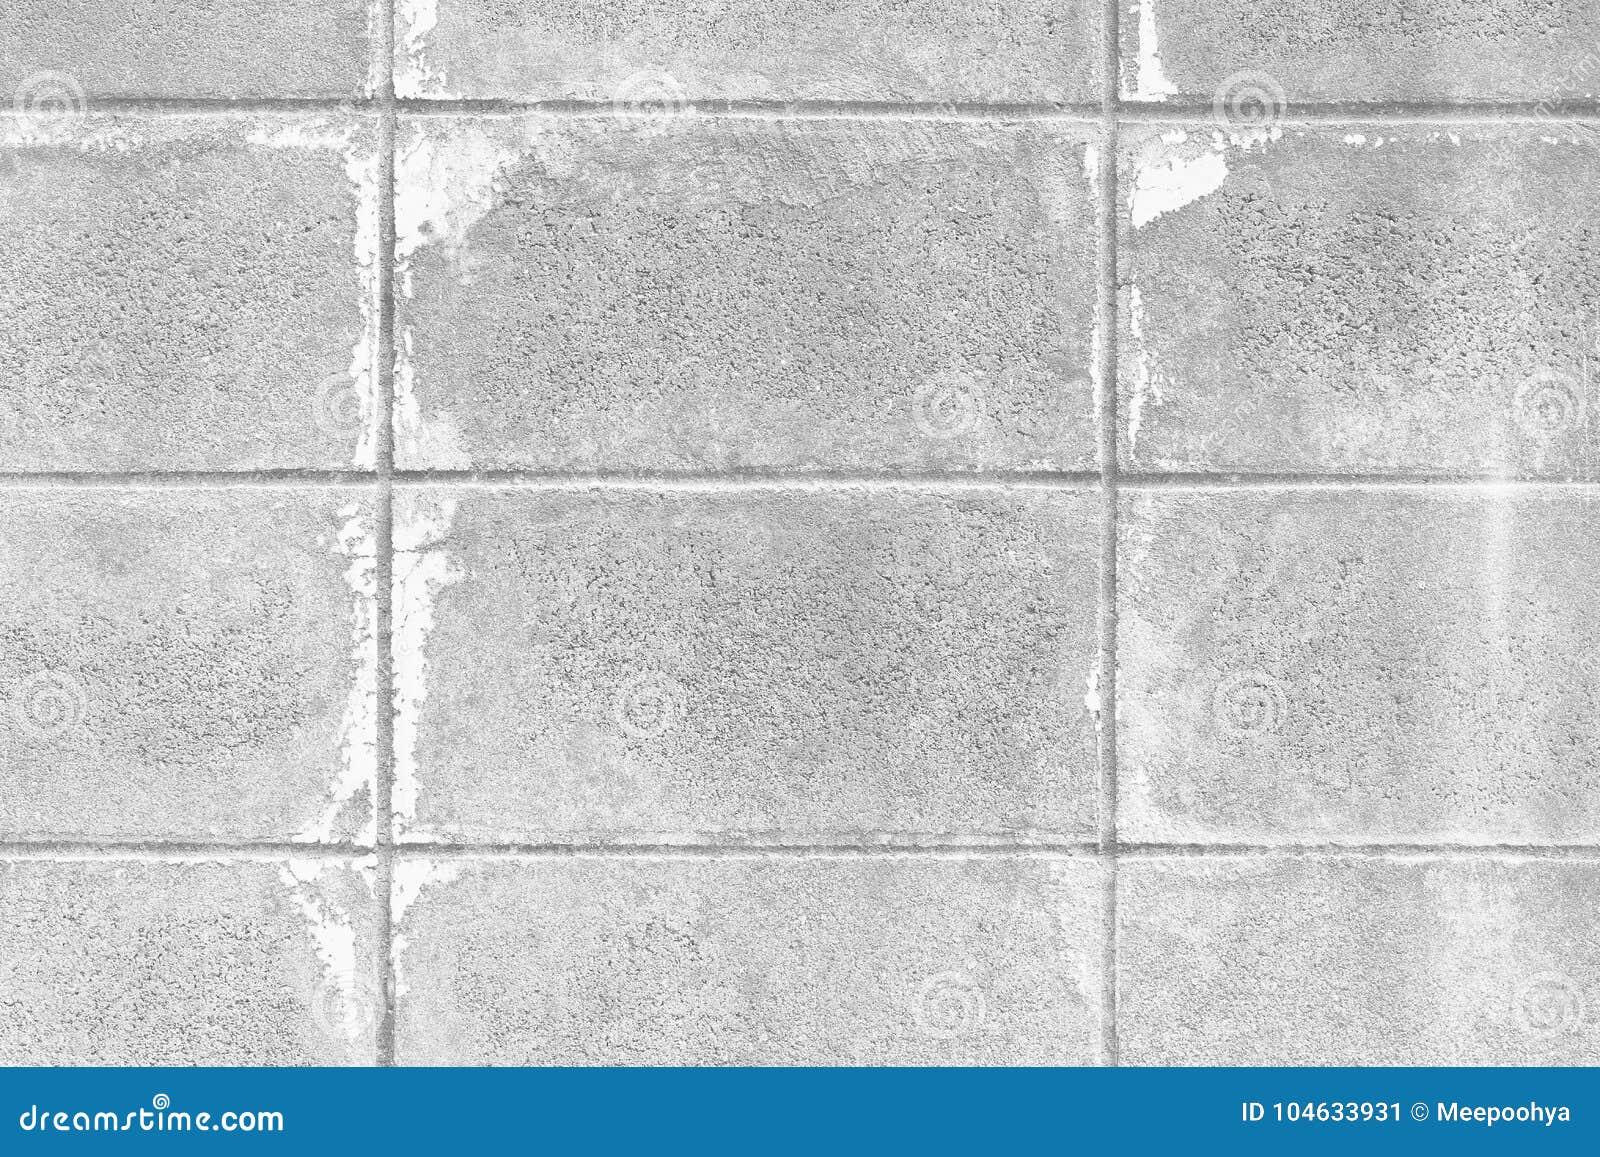 Download Oppervlakte Van Witte Cementmuur Stock Afbeelding - Afbeelding bestaande uit retro, achtergrond: 104633931